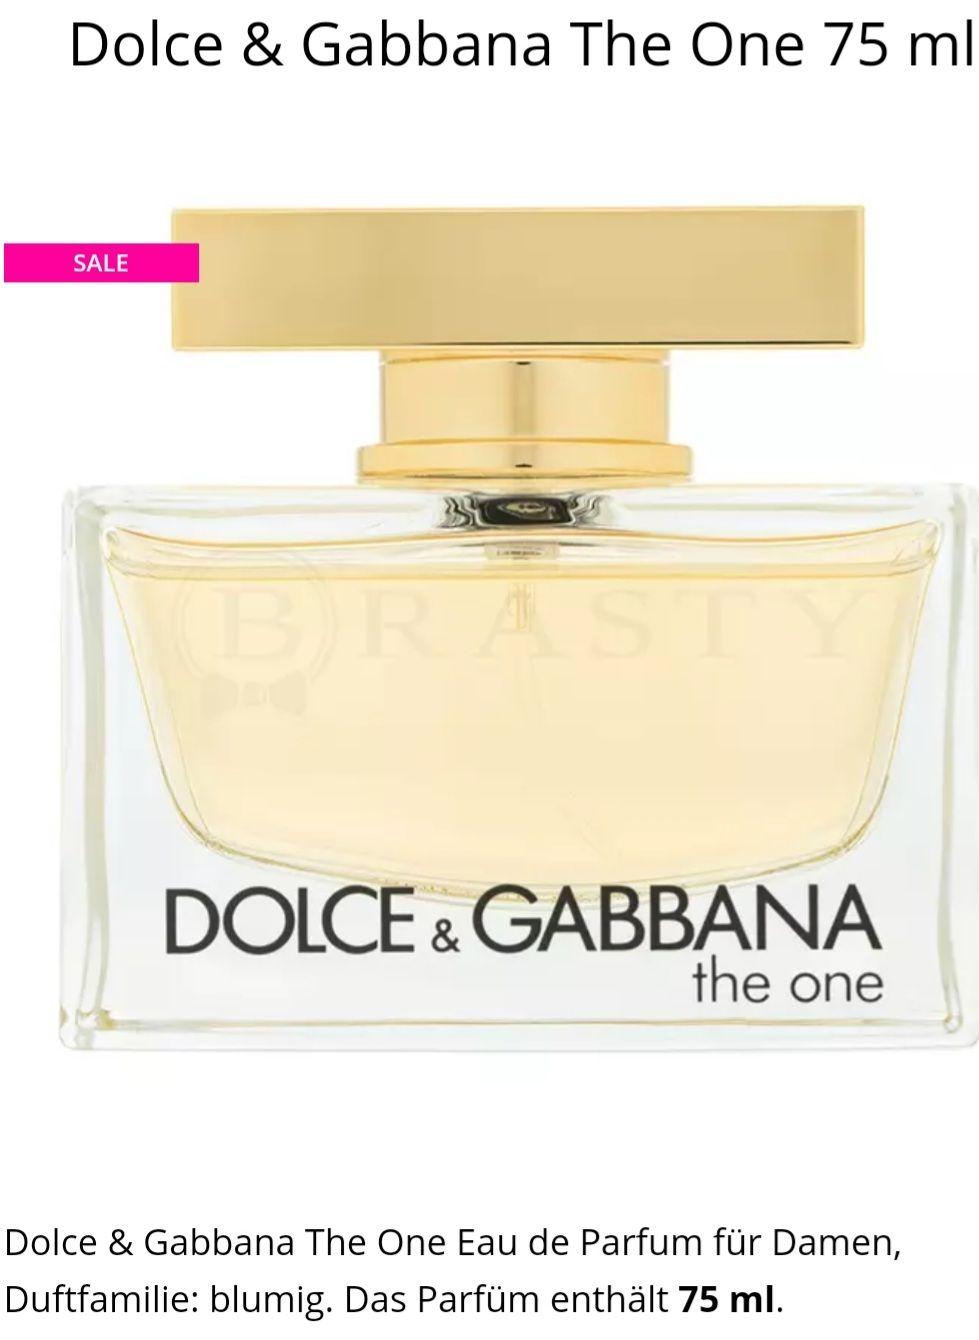 Dolce & Gabbana The One 75 ml EDP für Damen